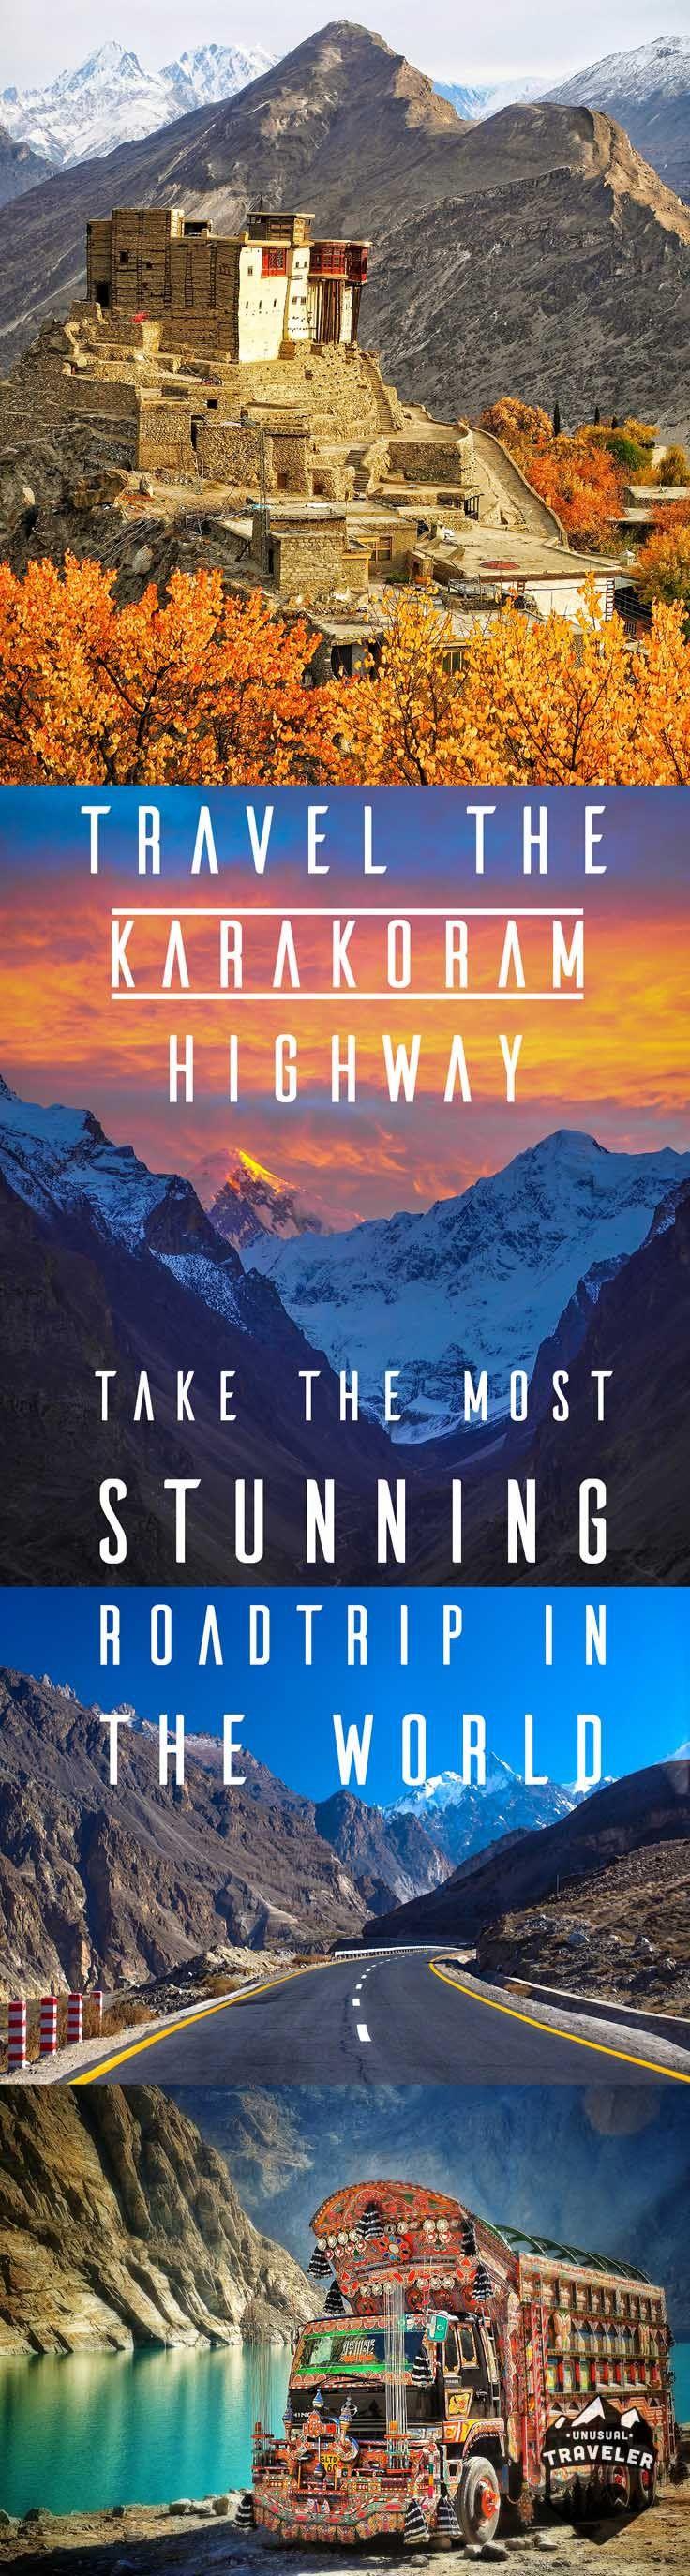 Karakoram Highway, The world's best roadtrip – Marst